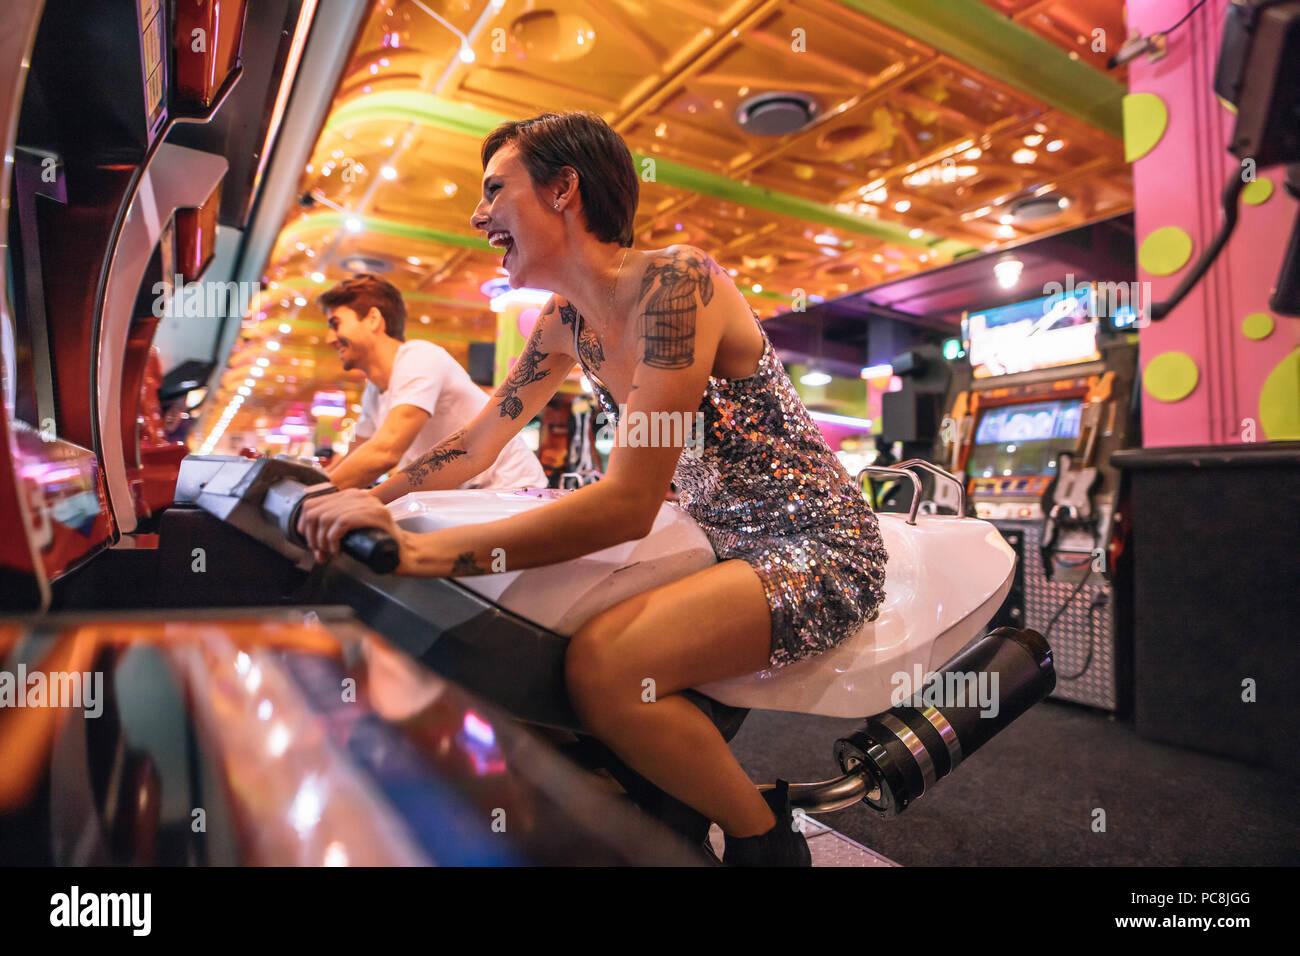 Couple heureux d'avoir l'amusement jouer des jeux de course arcade lors d'un salon de jeux. Excitée femme jouant un jeu de course arcade assis sur un vélo de course. Photo Stock